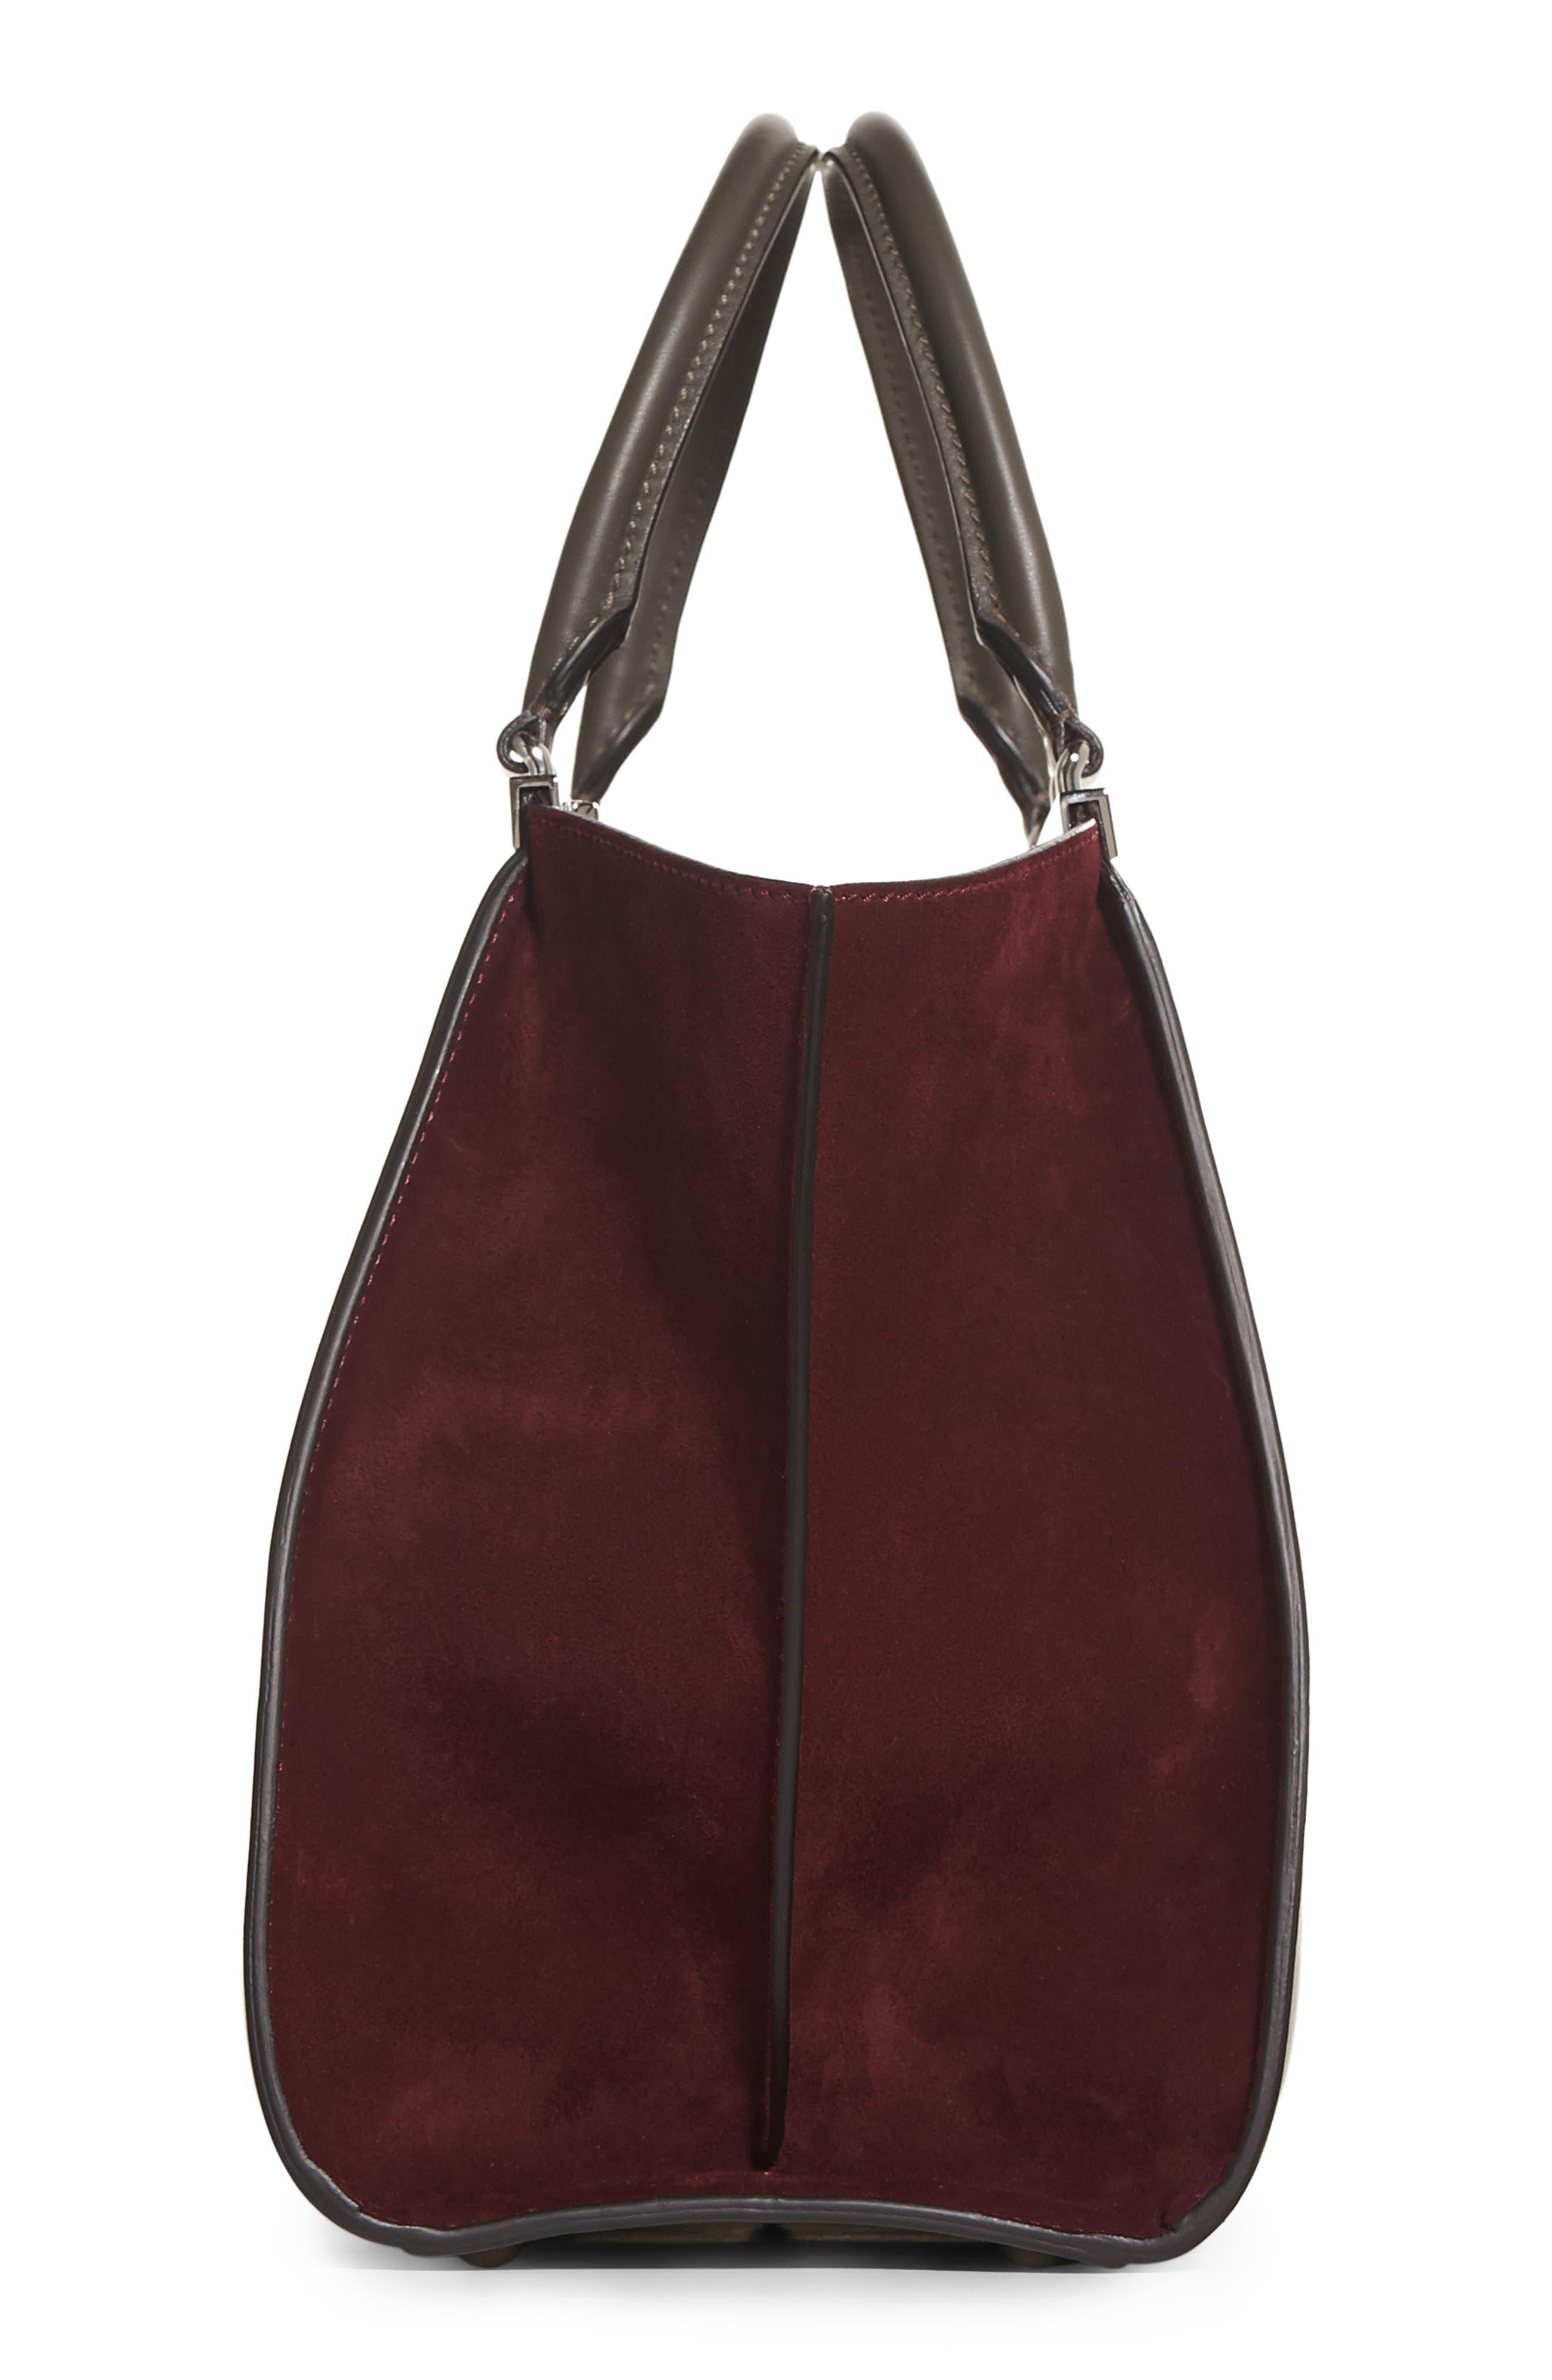 3Jours Baltico Leather & Suede Shopper,                             Alternate thumbnail 9, color,